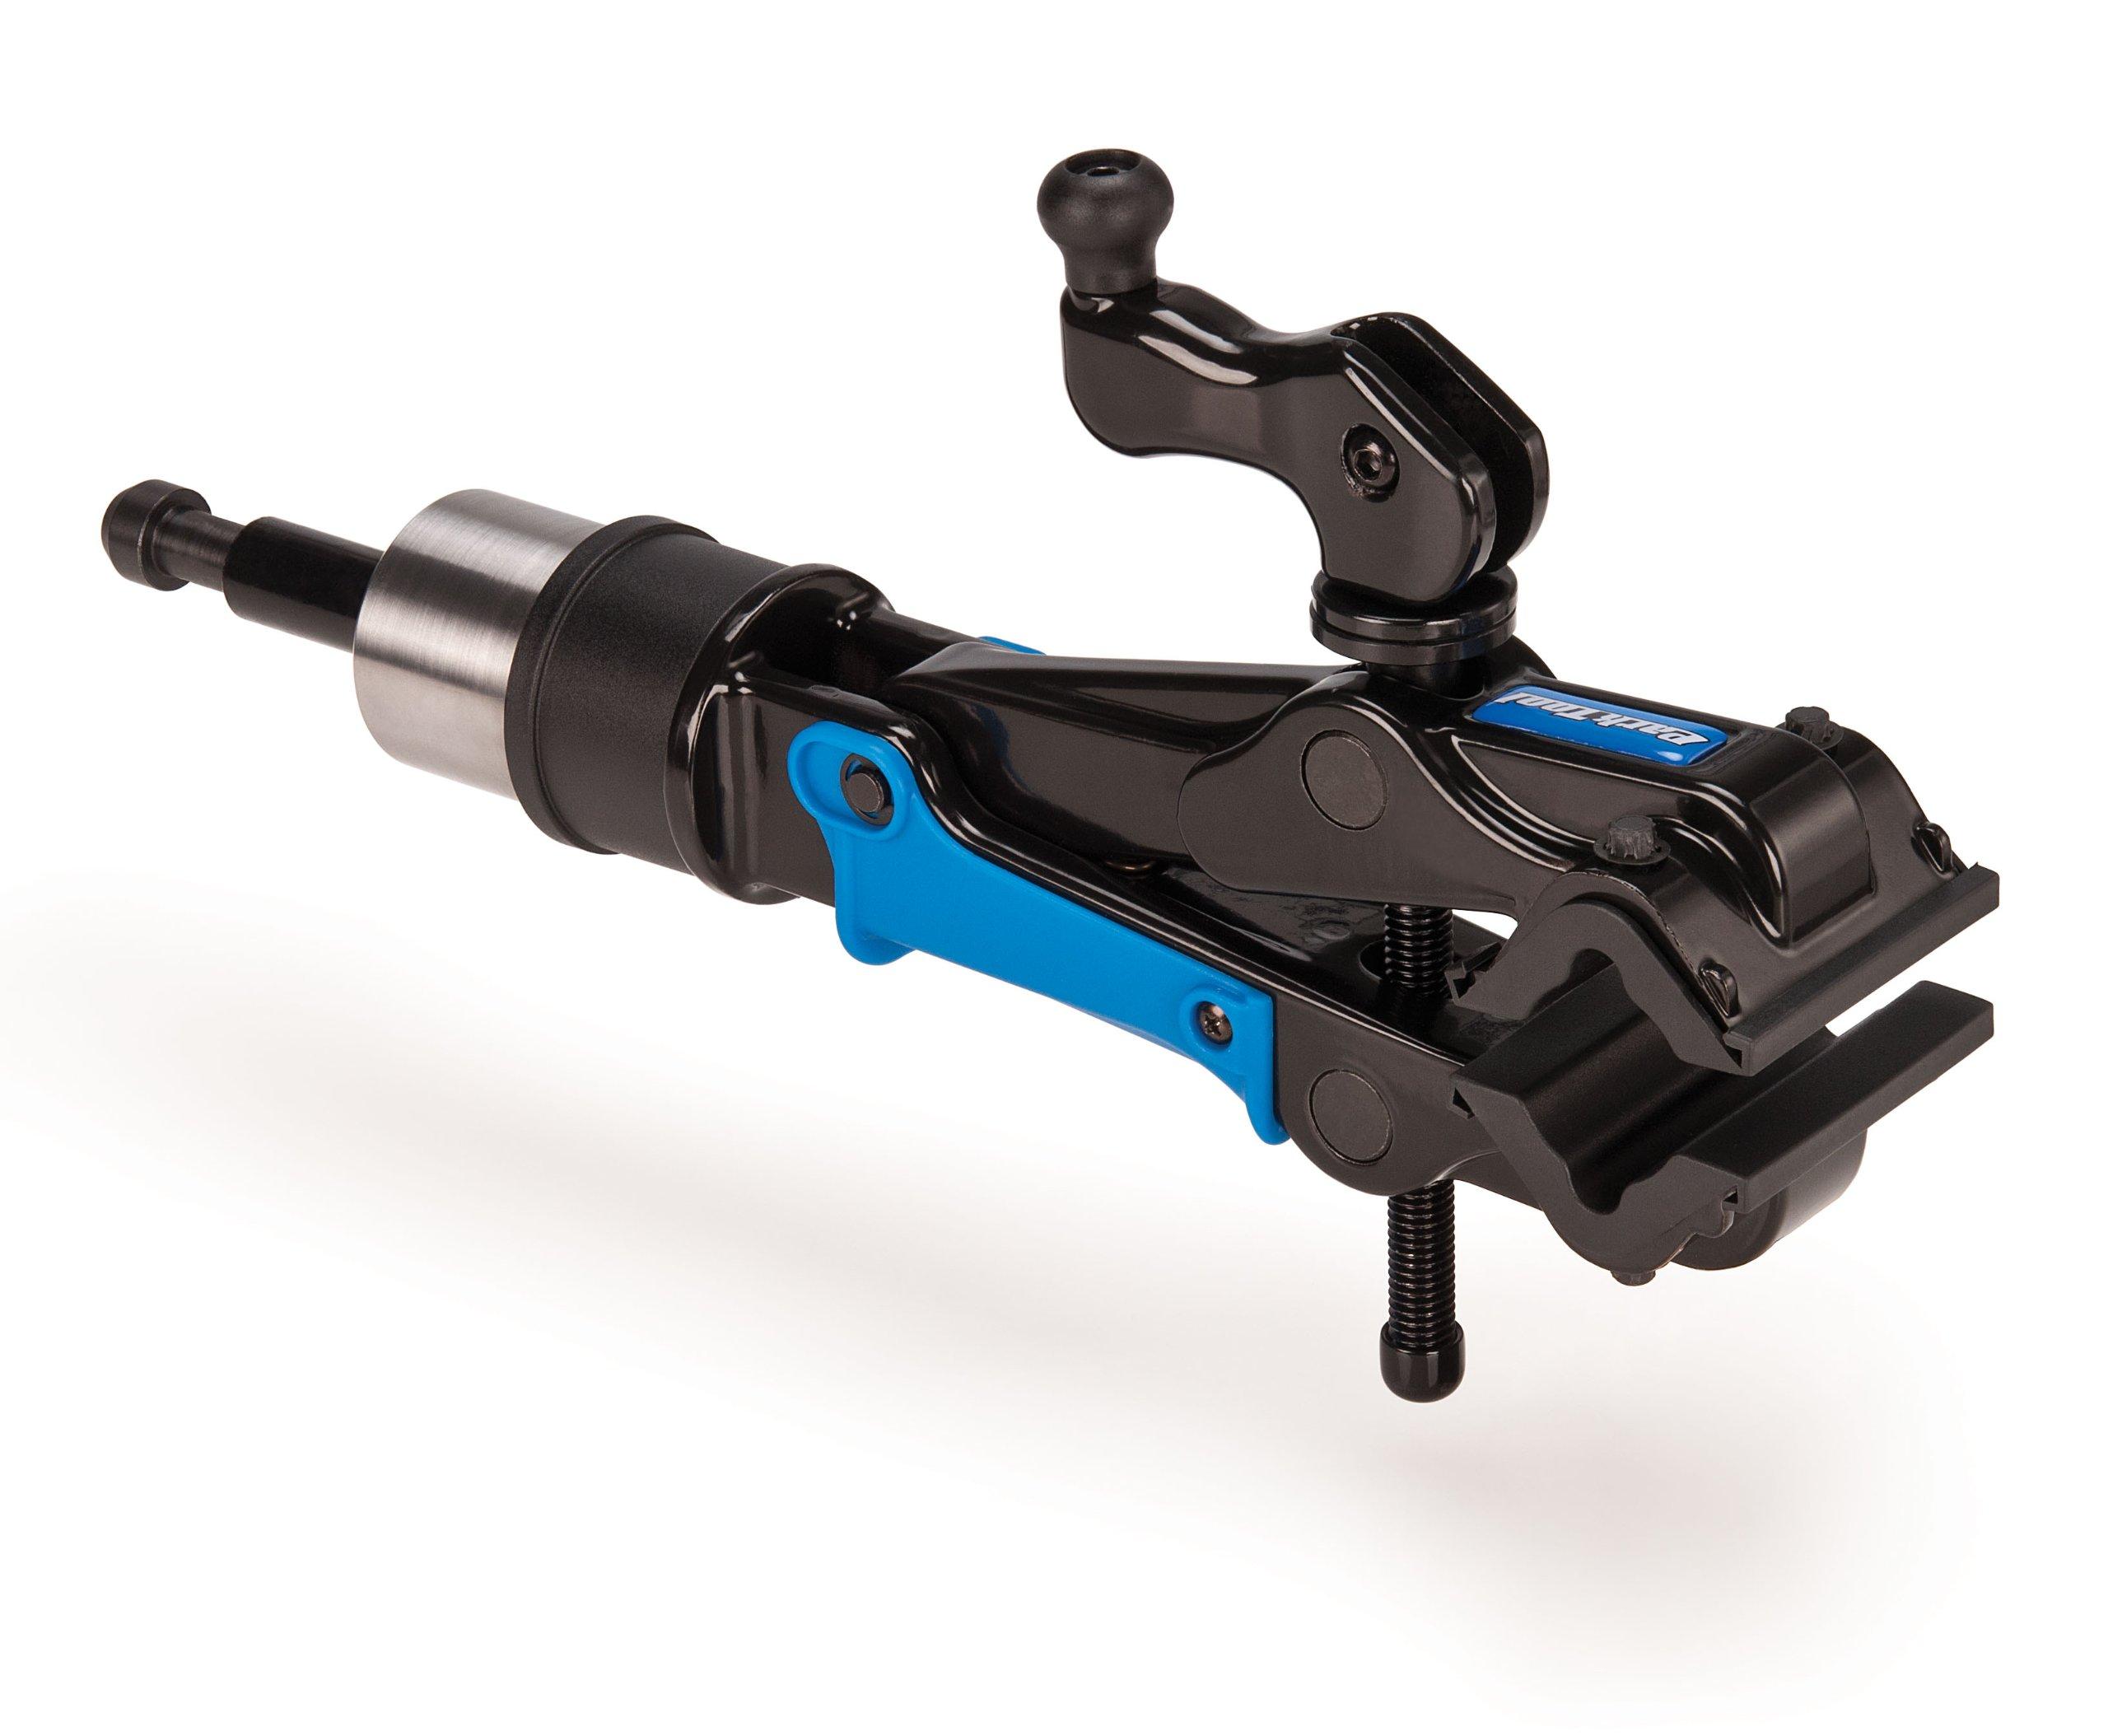 Park Tool Professional Micro-Adjust Repair Stand Clamp (PRS-2, PRS-3, PRS-4, PRS-2 OS, PRS-3 OS, PRS-4 OS, and PRS-4W)